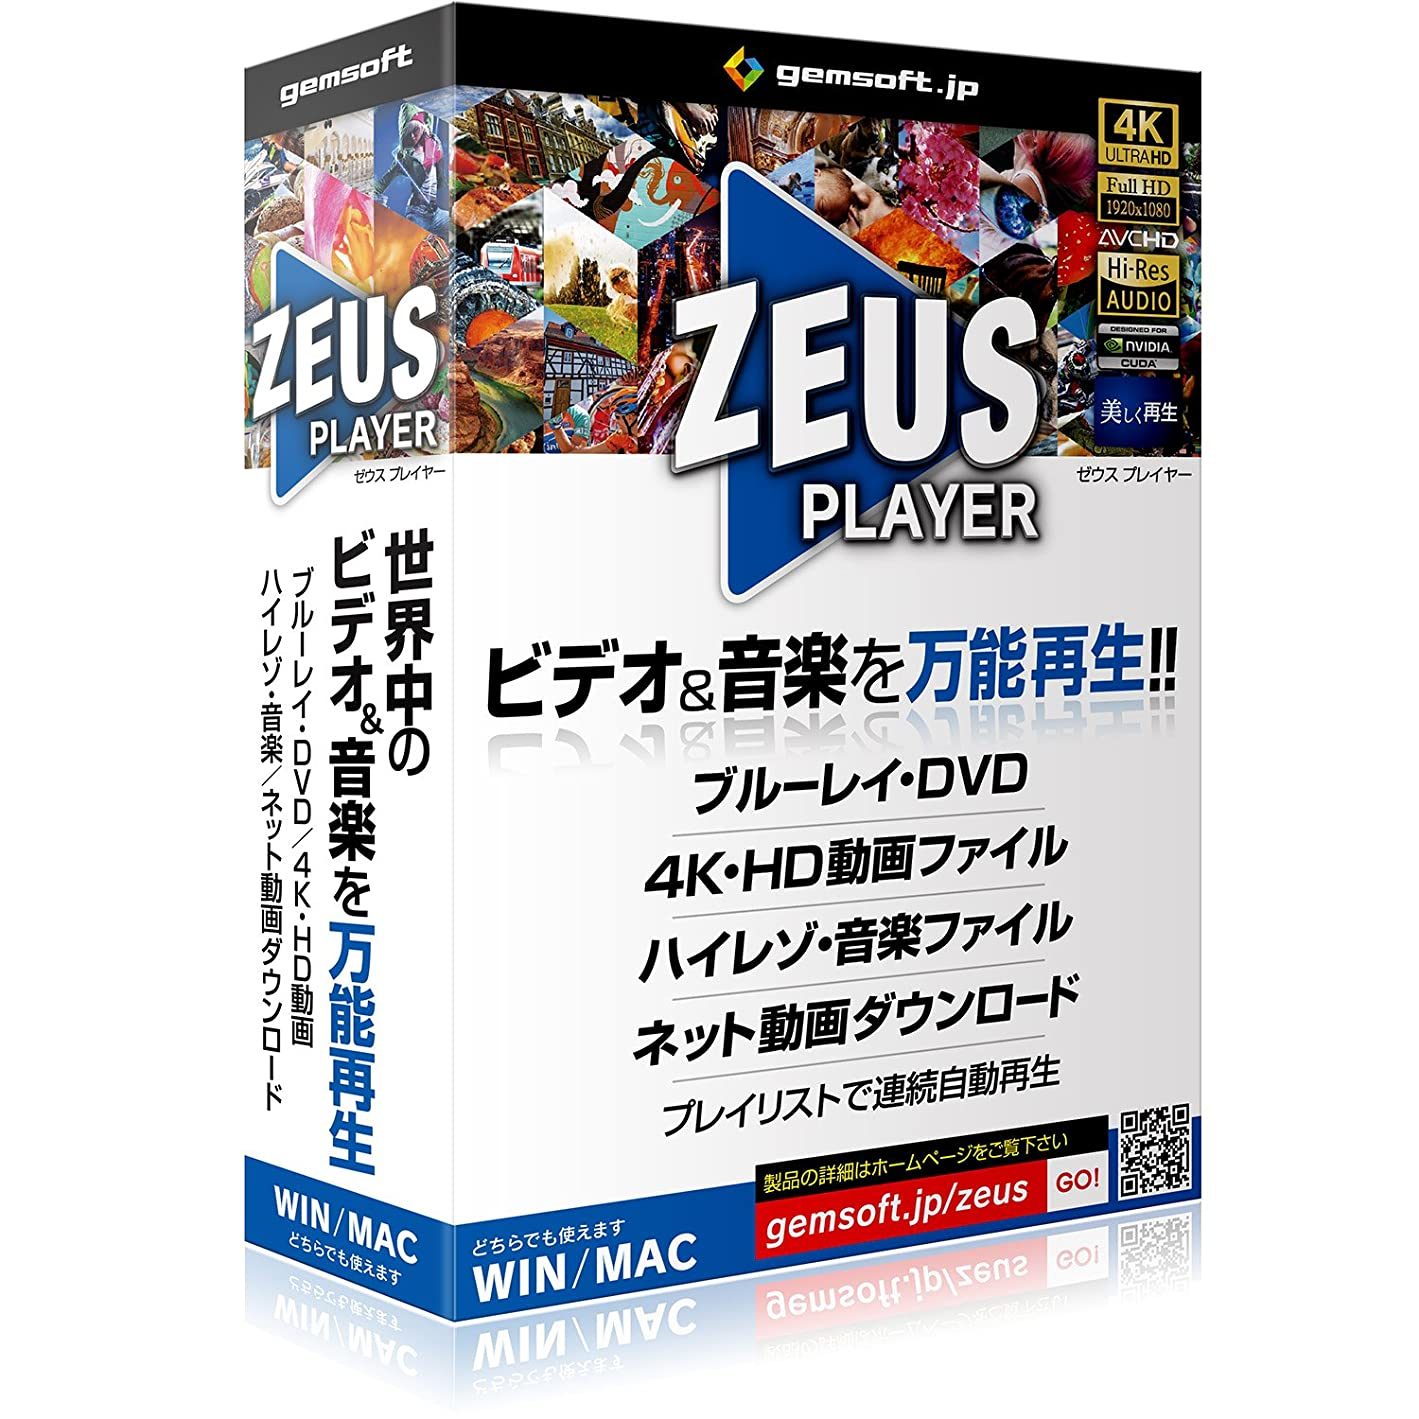 何もない細菌クラフトZEUS PLAYER ~ ブルーレイ?DVD?4Kビデオ?ハイレゾ音源再生 | ボックス版 | ハイブリッド(Win / Mac選択)